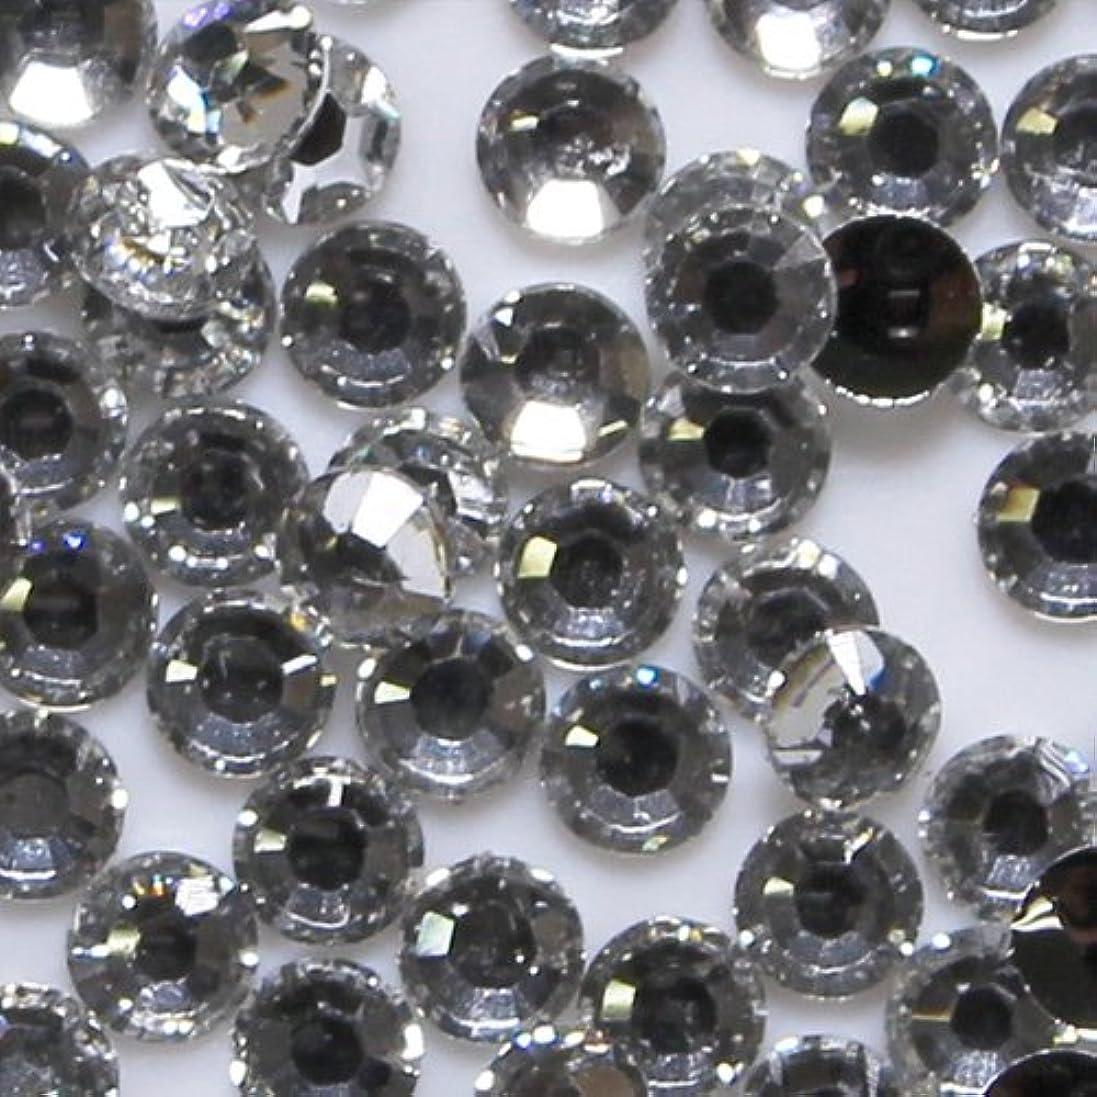 専門用語破壊的確執高品質 アクリルストーン ラインストーン ラウンドフラット 約1000粒入り 3mm ダイヤモンド